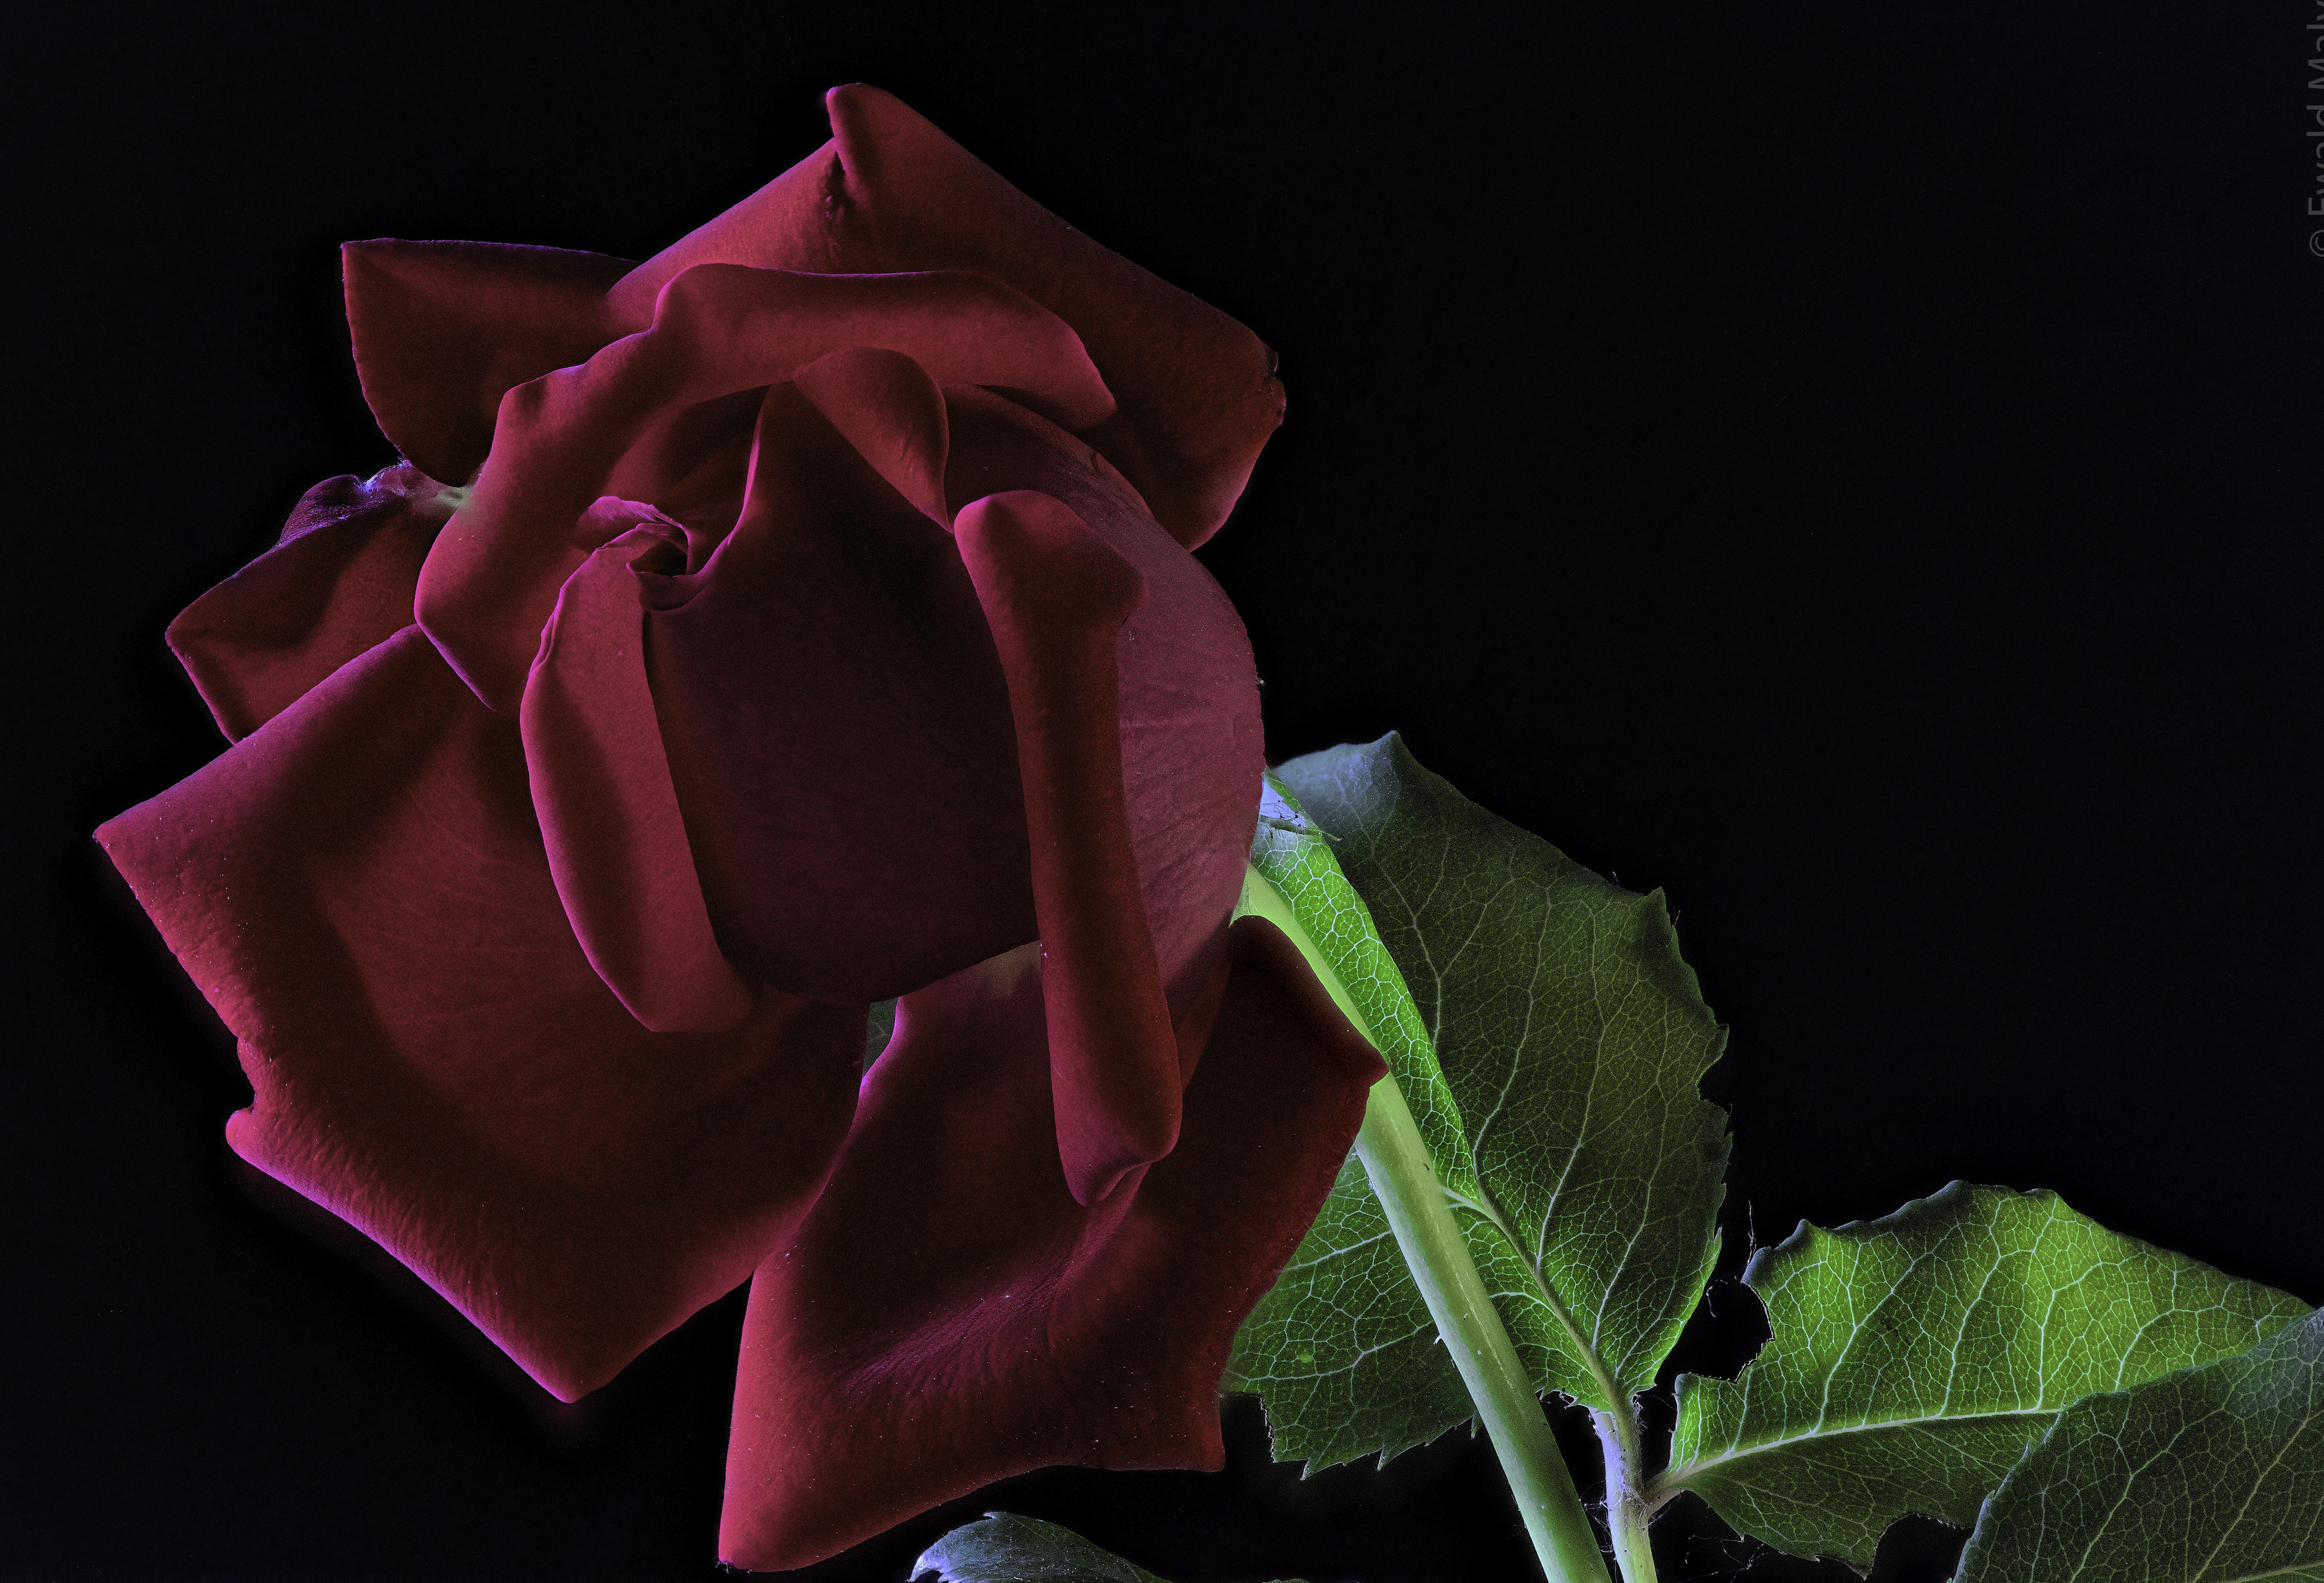 Фотографии Розы бордовая Цветы вблизи на черном фоне 4000x2725 роза бордовые Бордовый темно красный цветок Черный фон Крупным планом